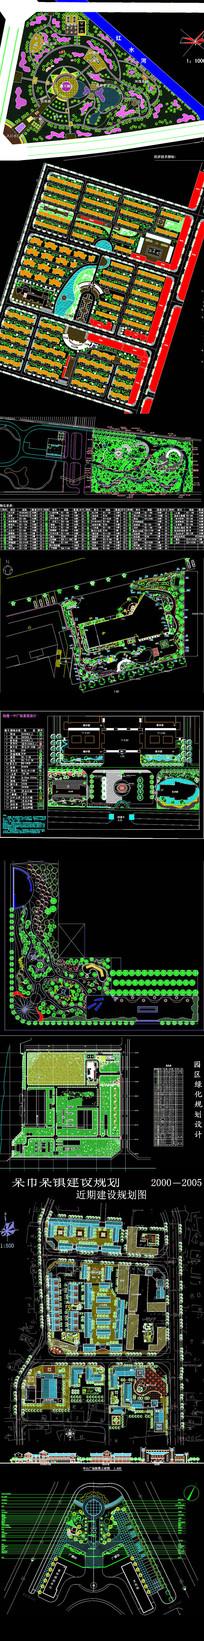 CAD公园平面图